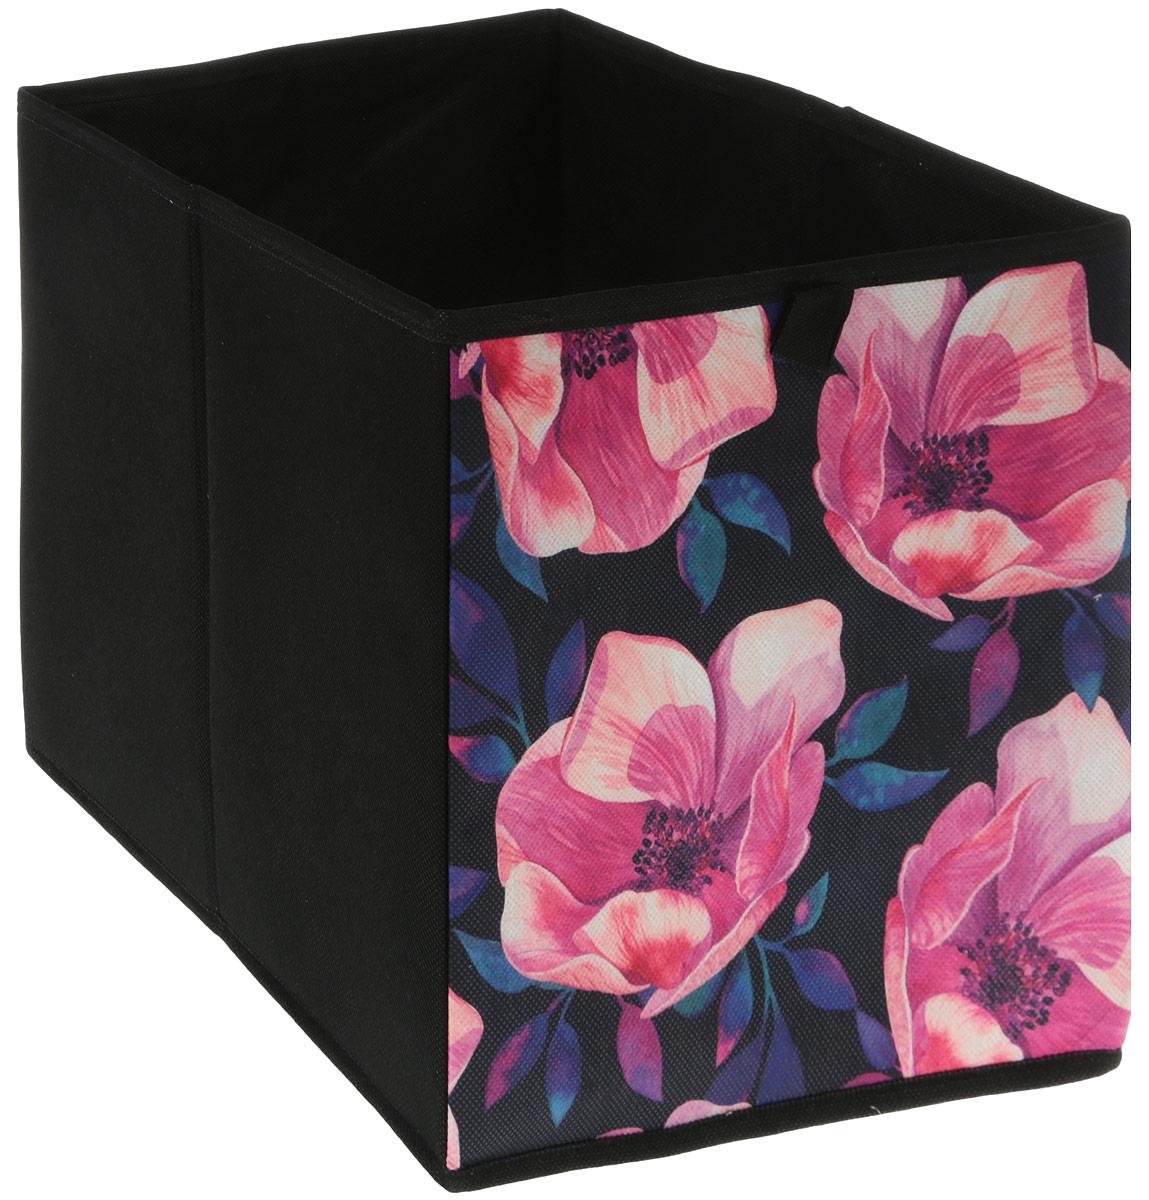 Кофр для хранения вещей GFTC Сирень, складной, цвет: розовый, черный, 28 х 28 х 28 см. FS-2001-B кофр складной для хранения 28 18 18 см мексика с 2 ручками 1252424